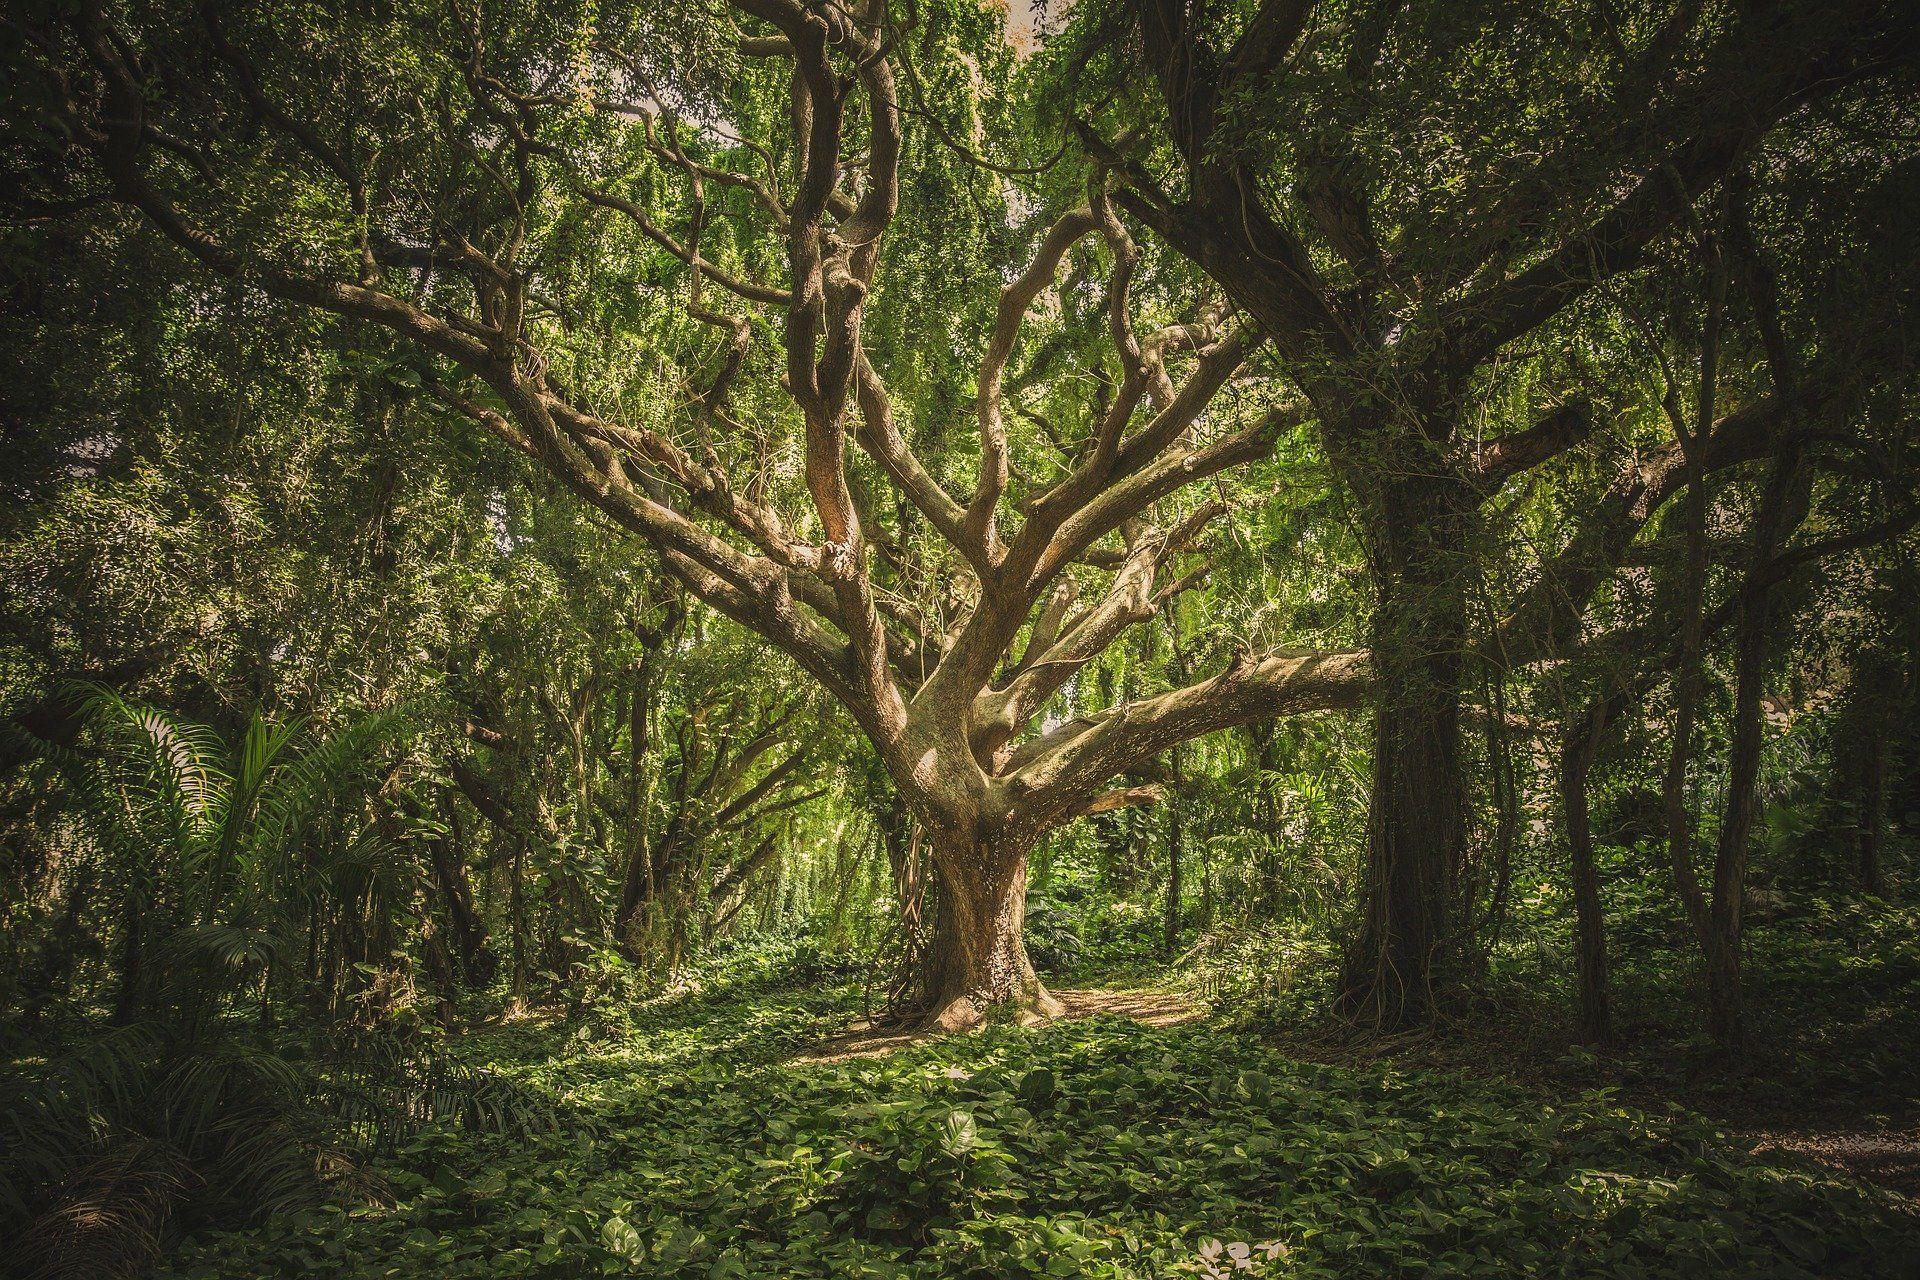 درخت قدیمی در جنگل